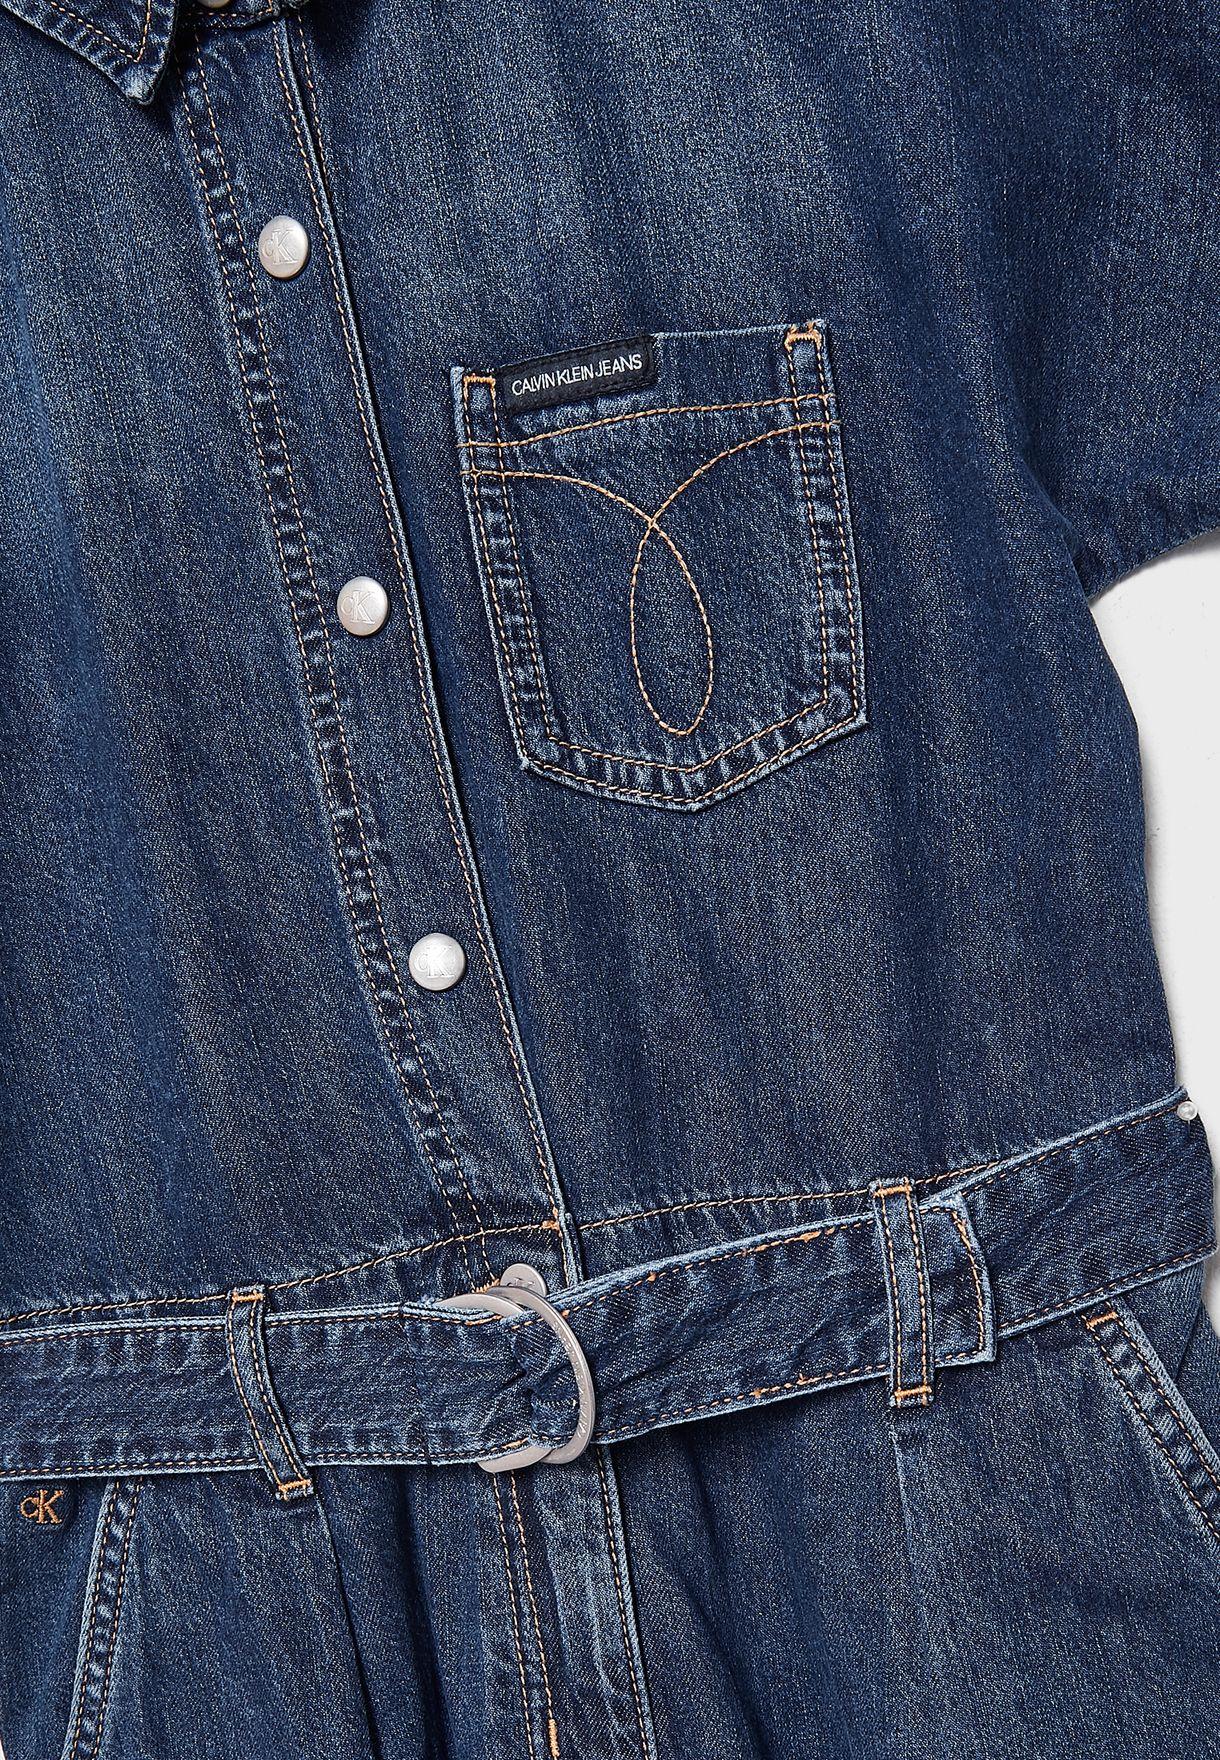 افرول جينز بحزام خصر